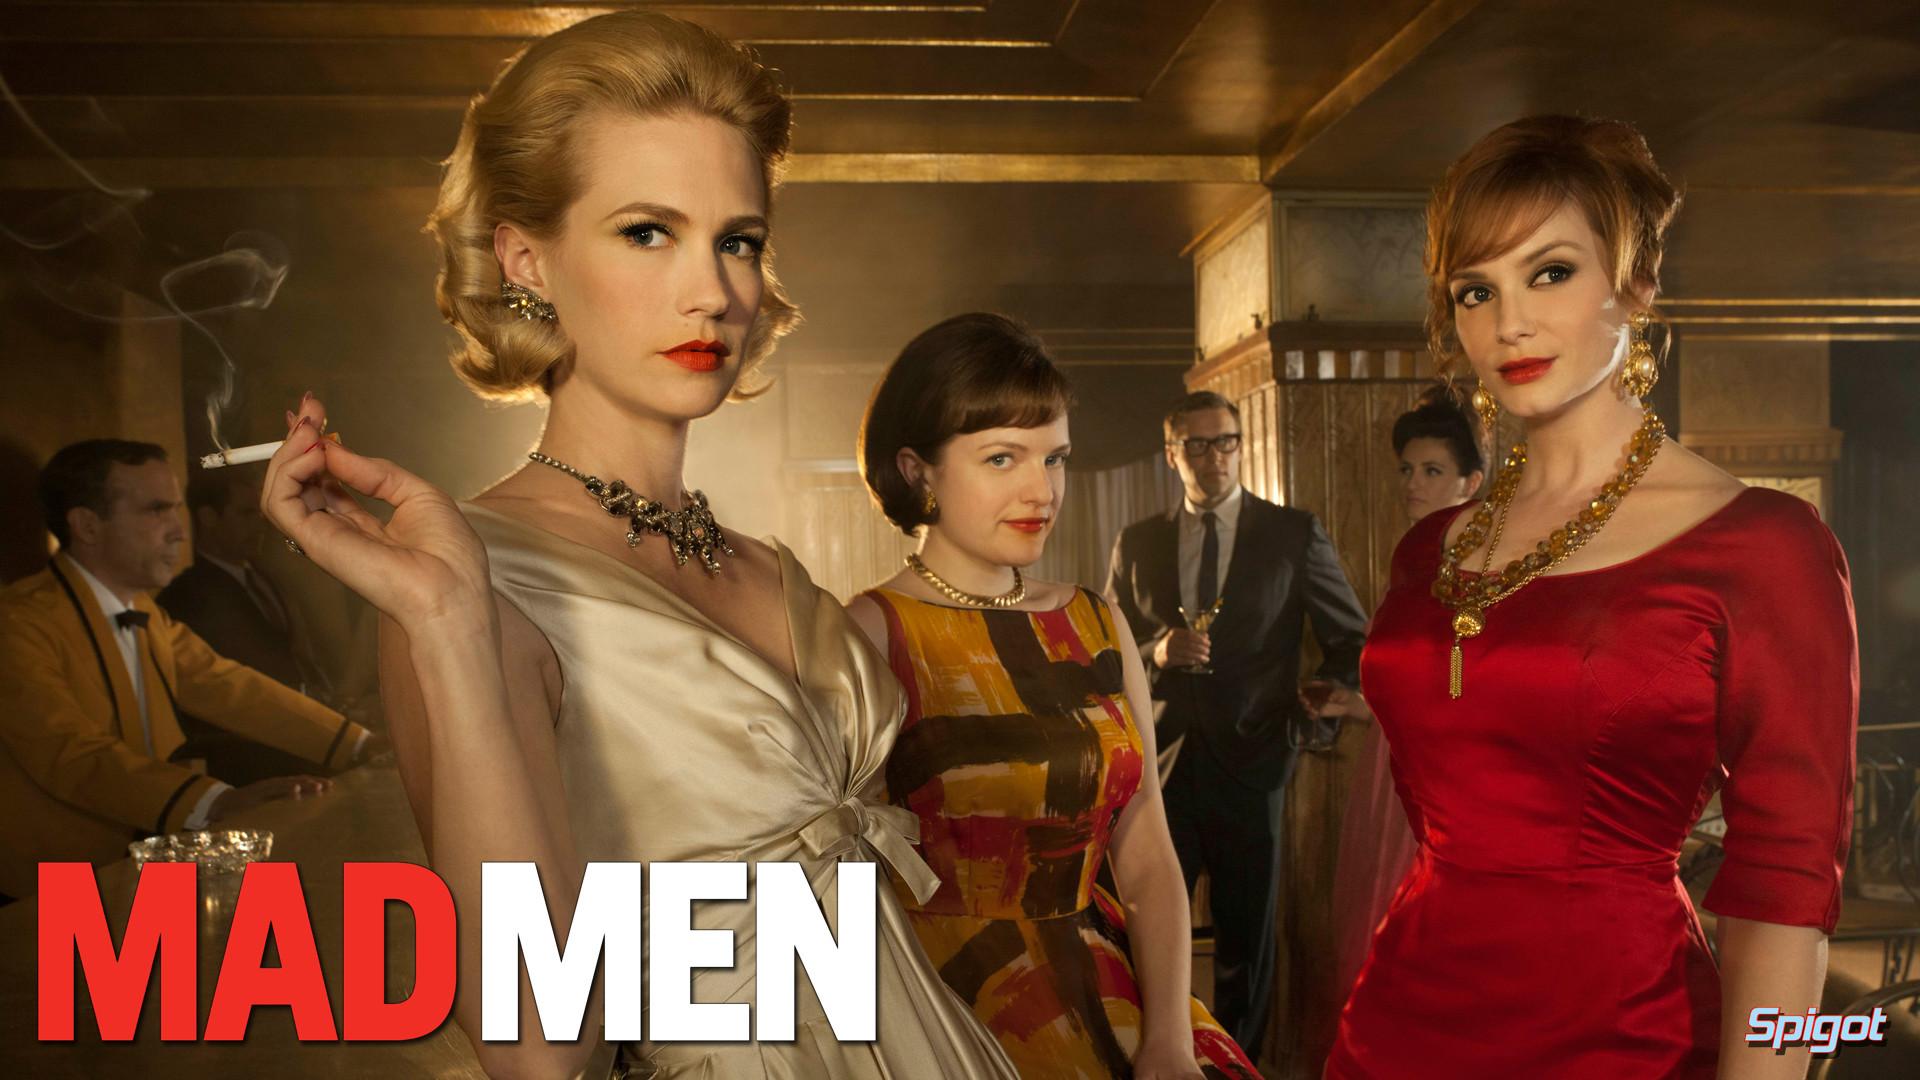 Mad Men Wallpaper Hd 63 Images